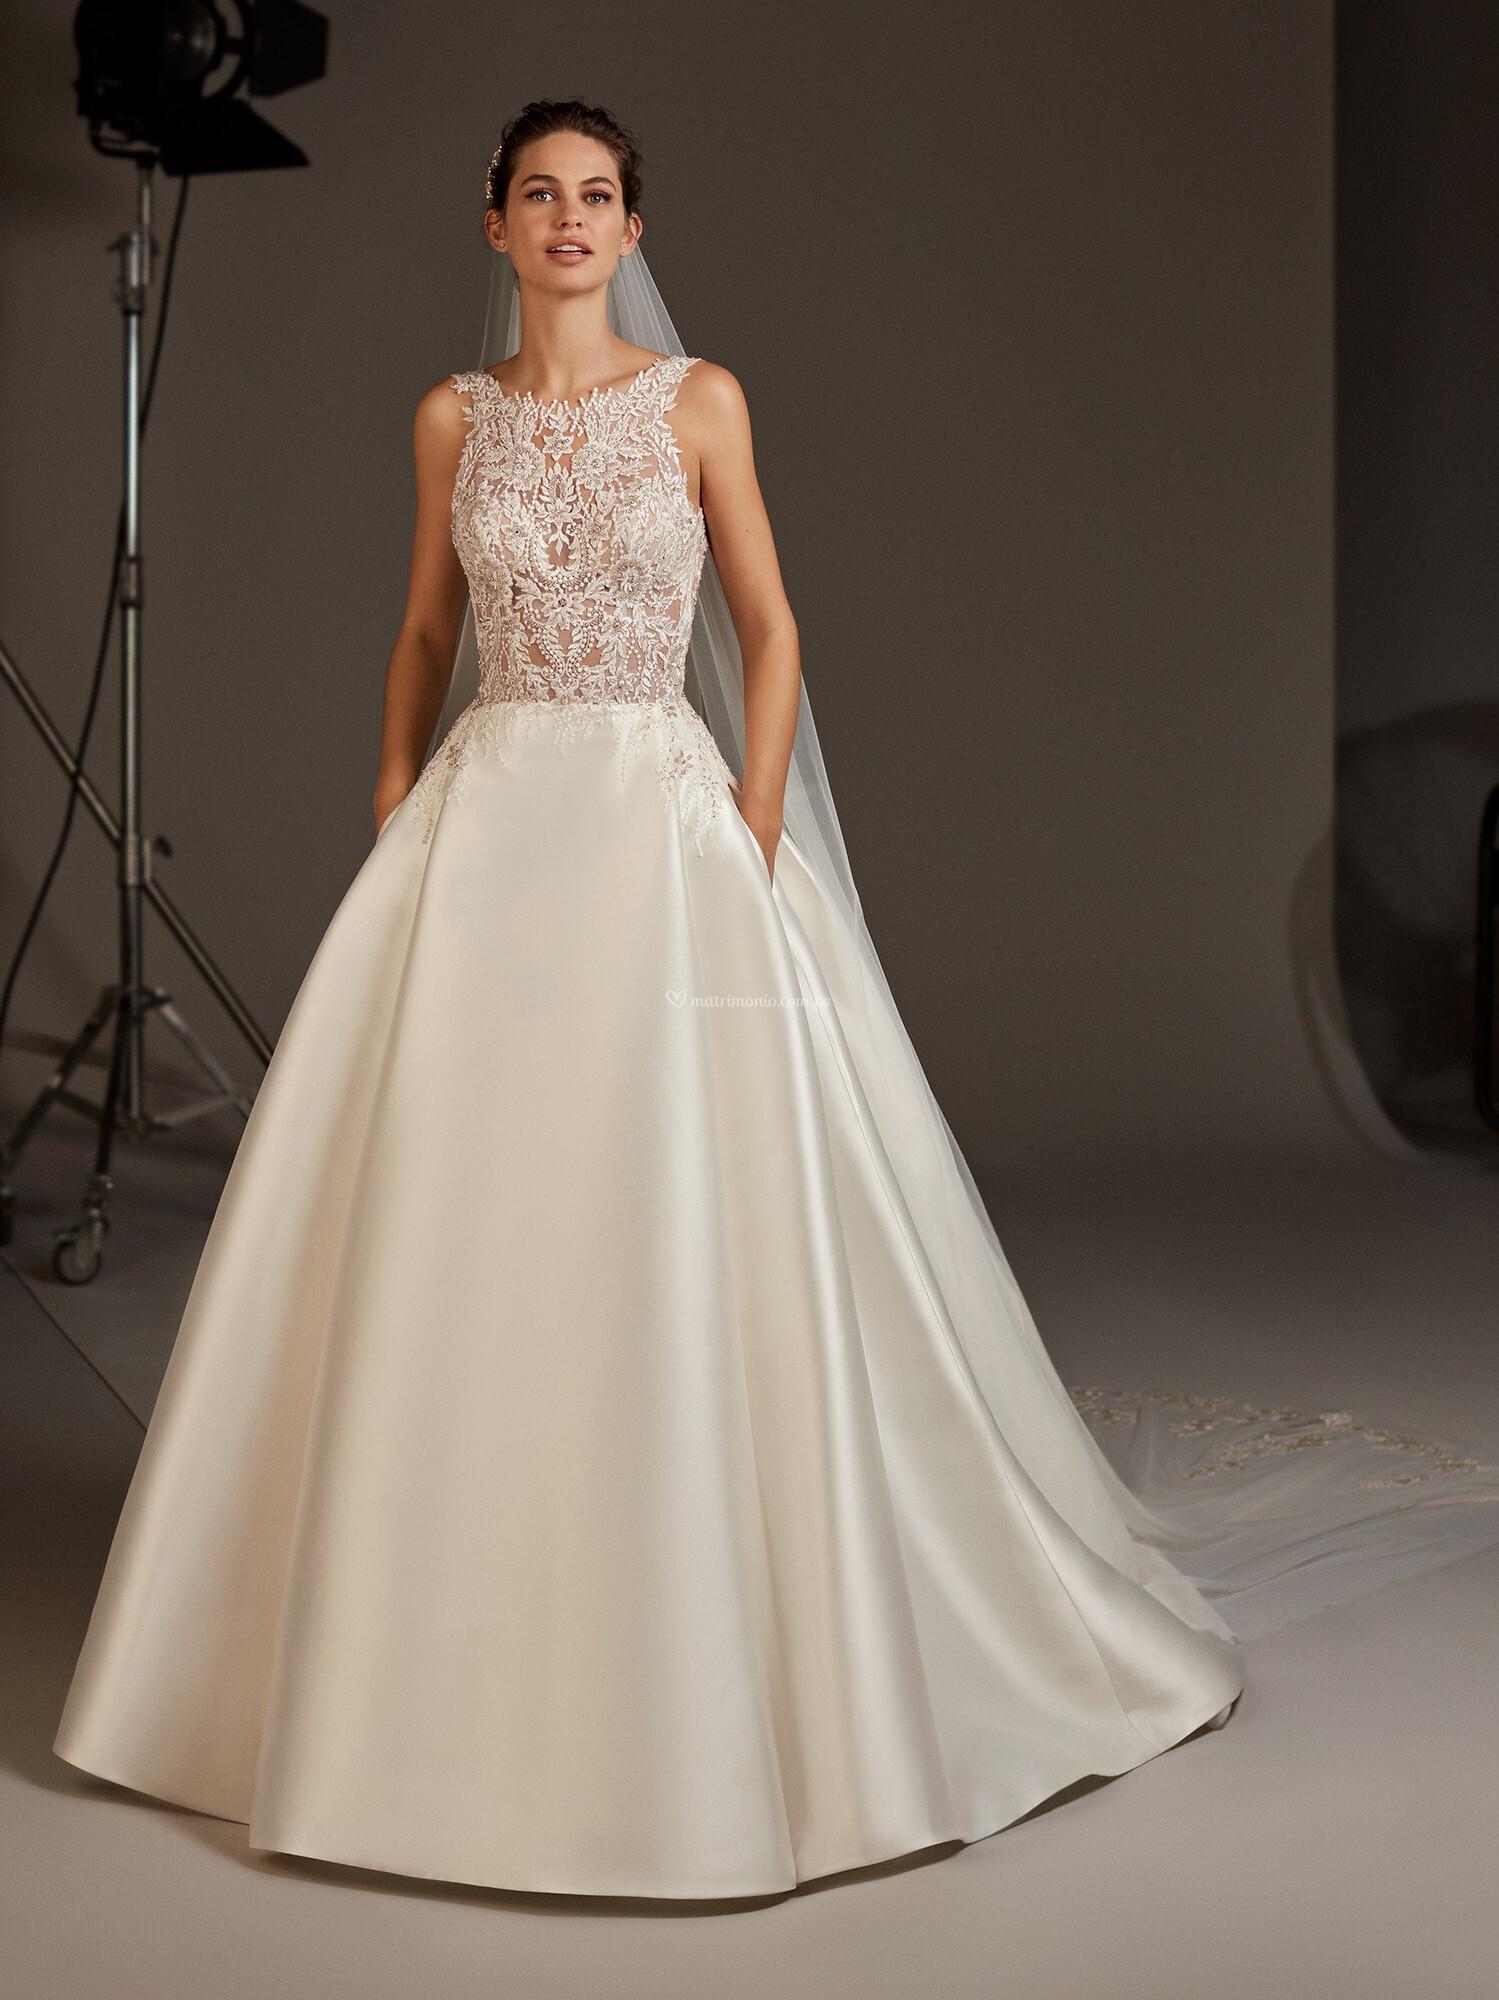 Vestidos corte princesa 2020 4